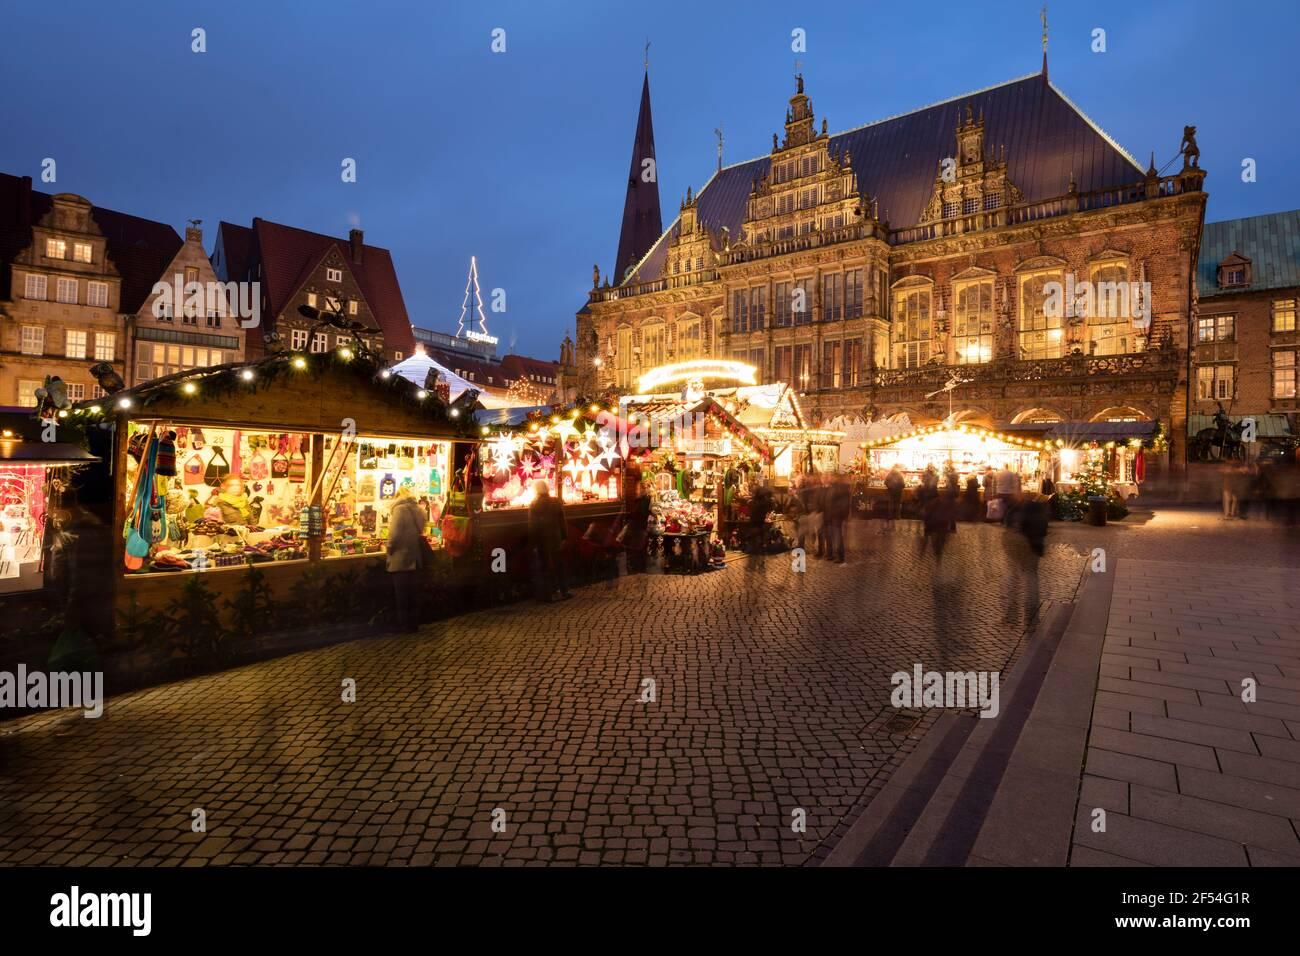 Géographie / voyage, Allemagne, Brême, place du marché, hôtel de ville, Marché de Noël, droits supplémentaires-autorisations-Info-non-disponible Banque D'Images